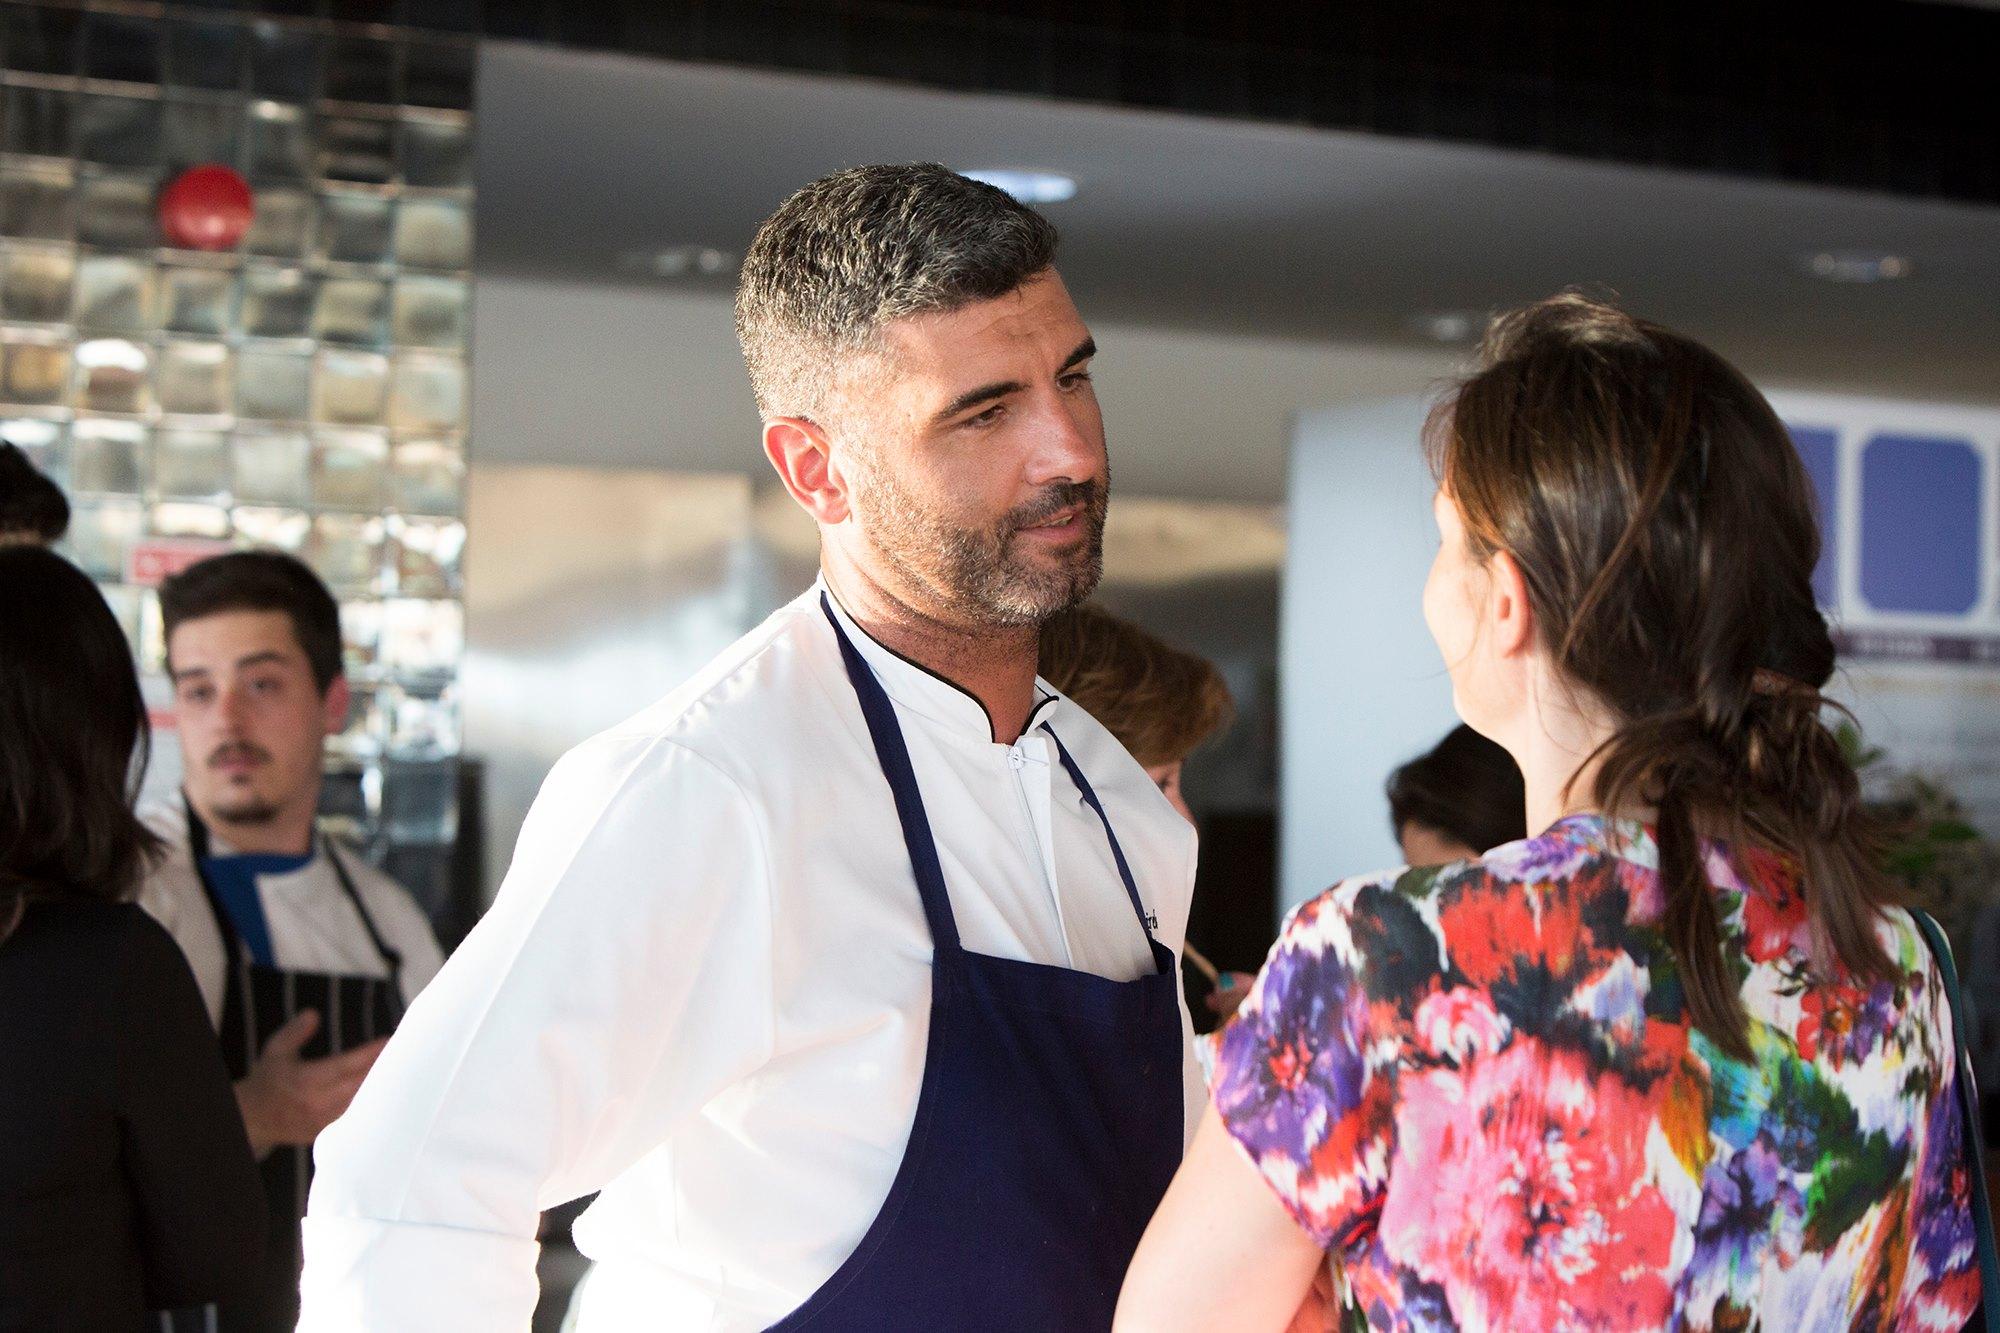 Top Azores: 6 ideias geniais para reaproveitar sobras da cozinha regional açoriana, pelo chef Sandro Meireles!